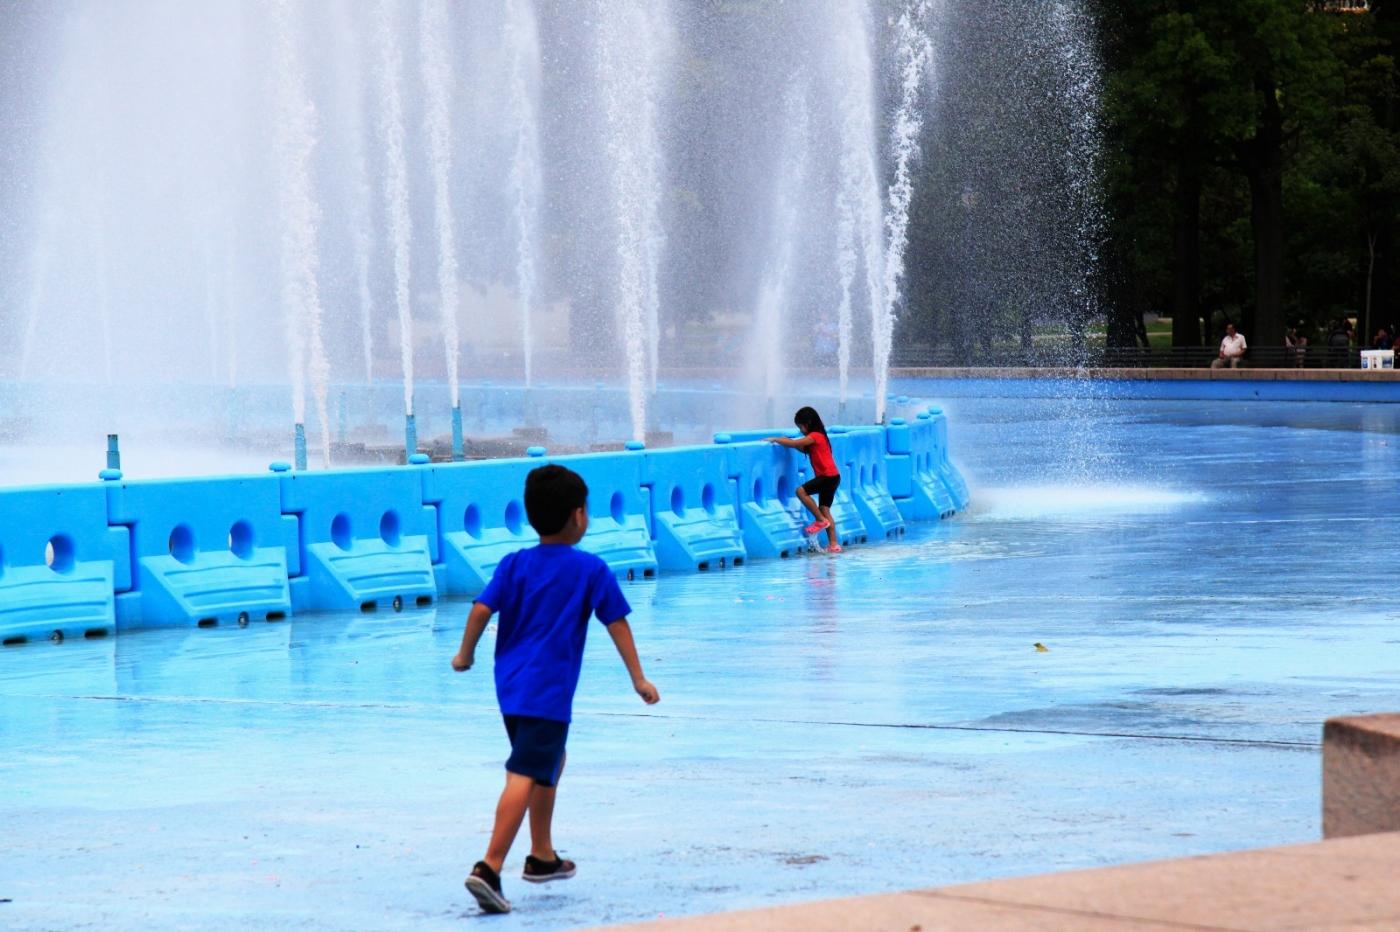 炎夏的可乐娜公园地球仪喷水池,是法拉盛周边居民休闲,娱乐的好地方 ..._图1-9